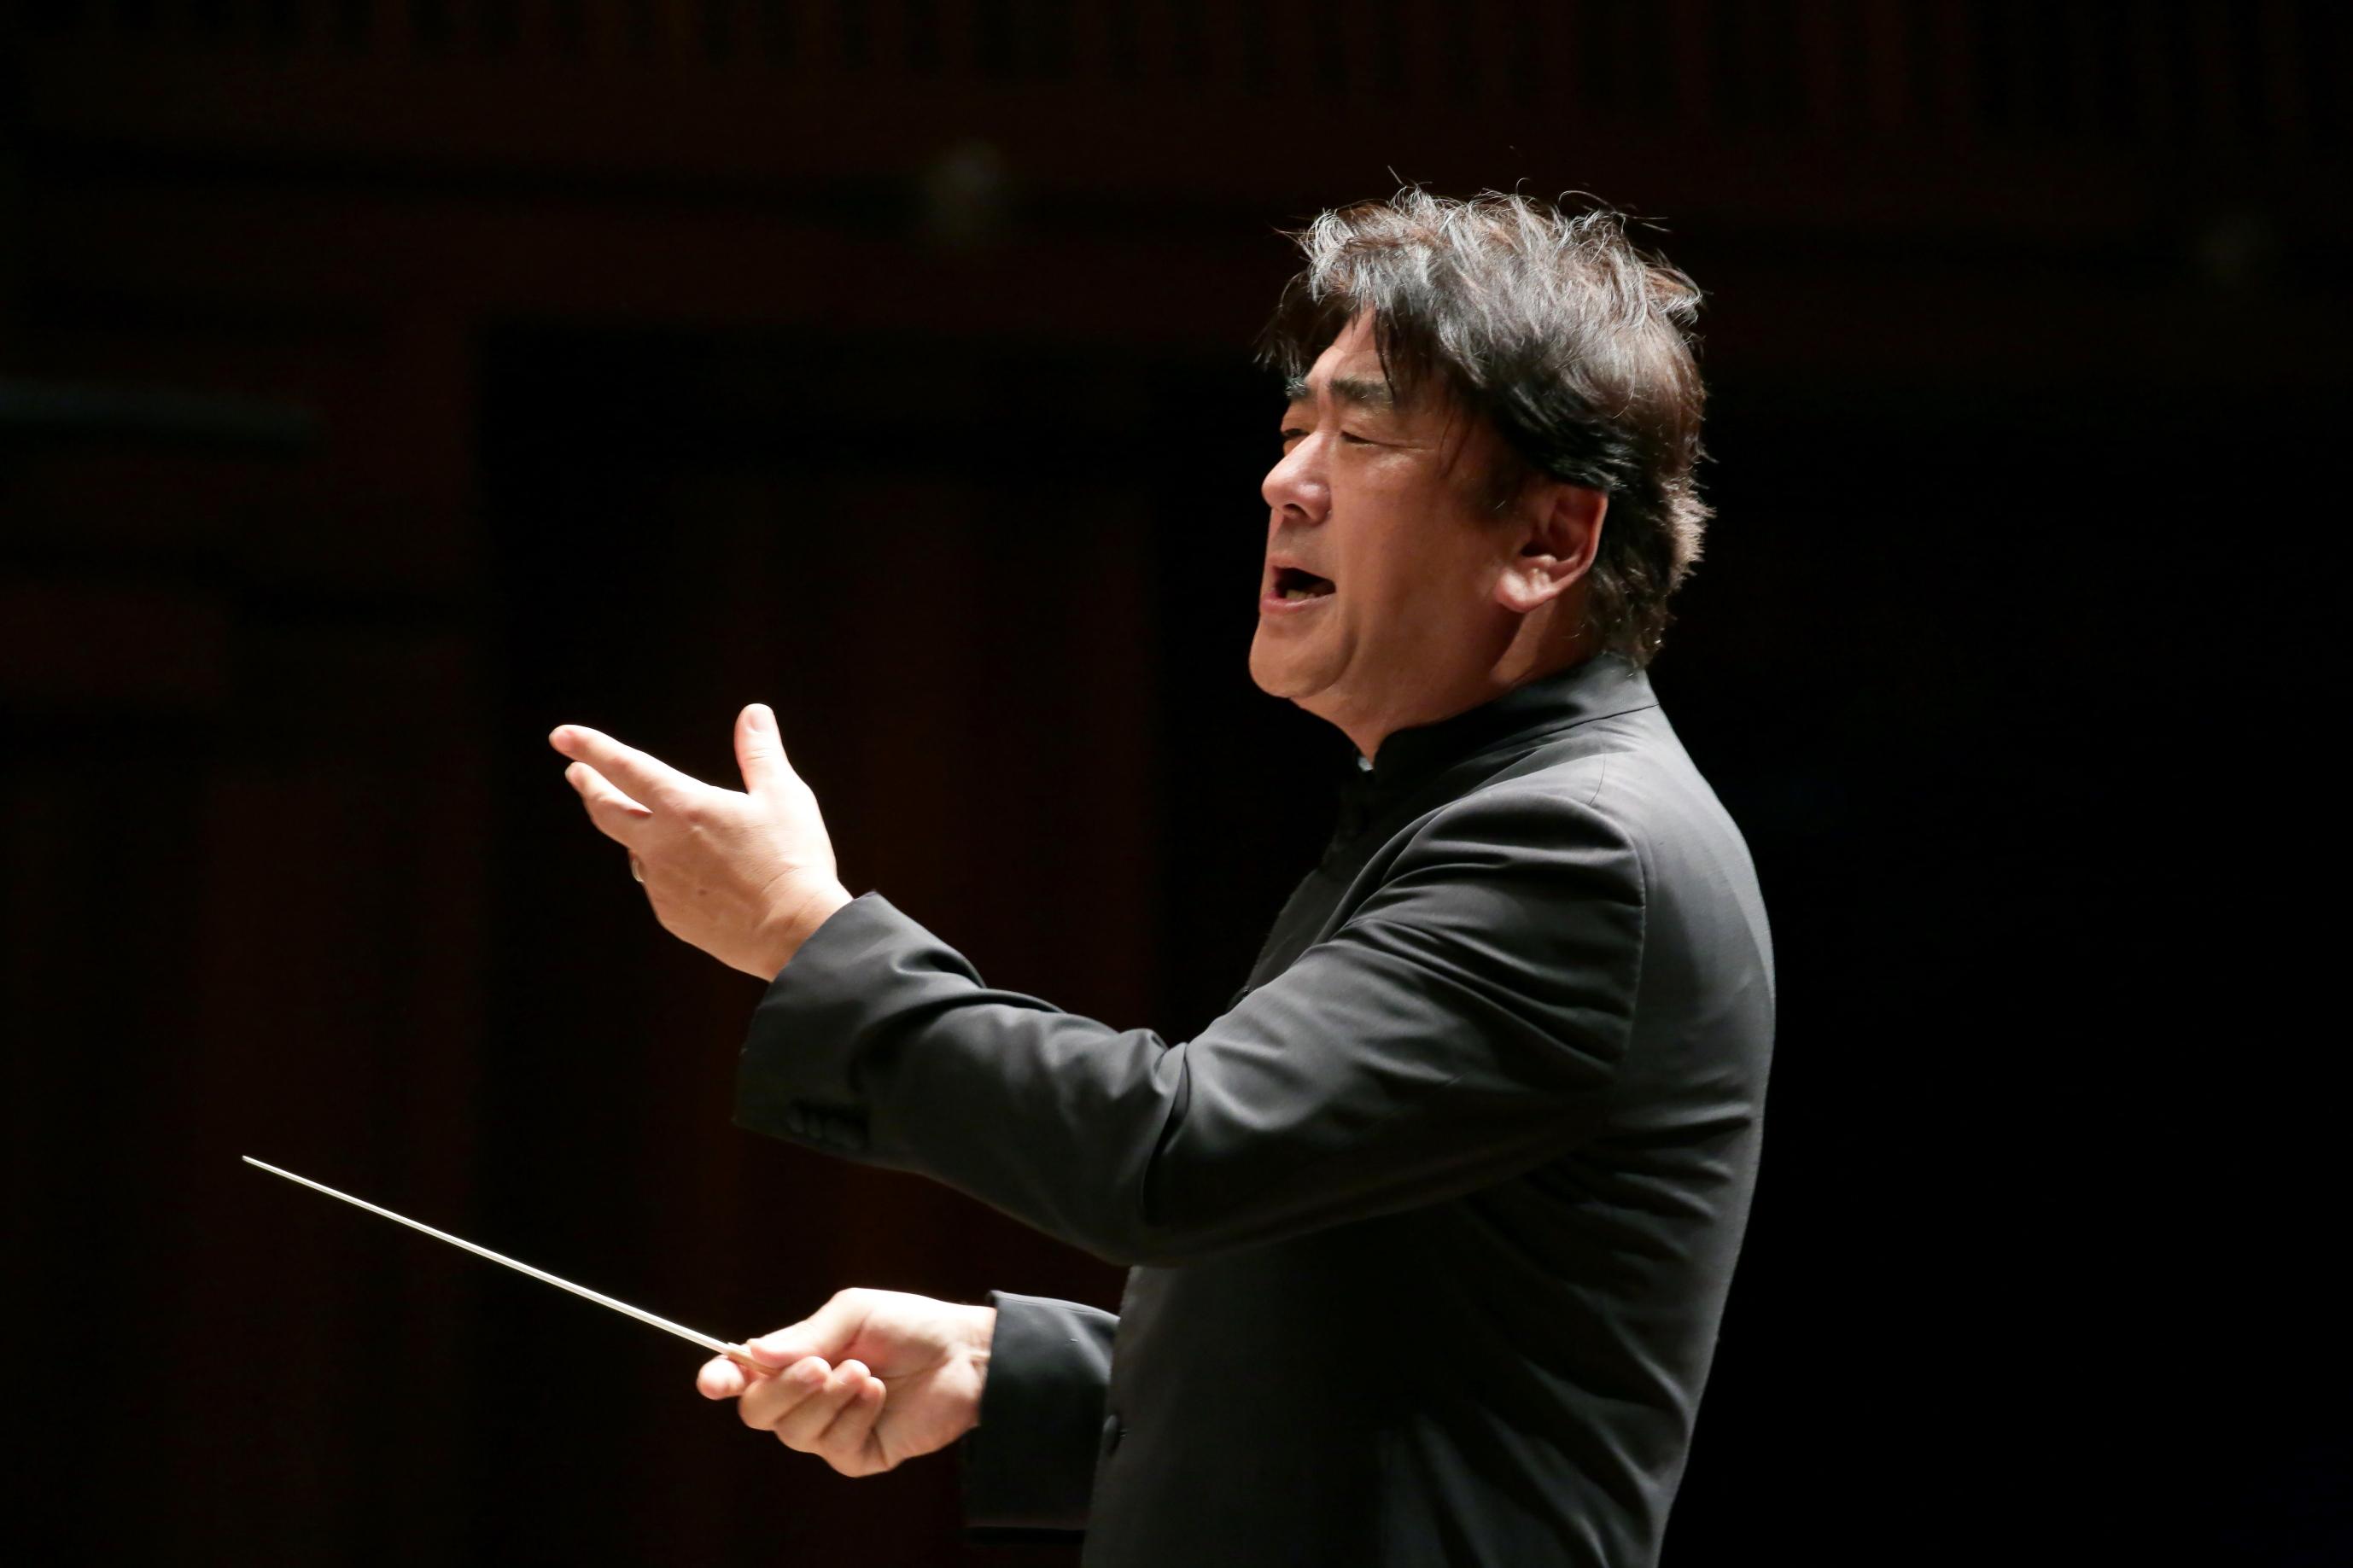 佐渡裕芸術監督プロデュースオペラ2018「魔弾の射手」